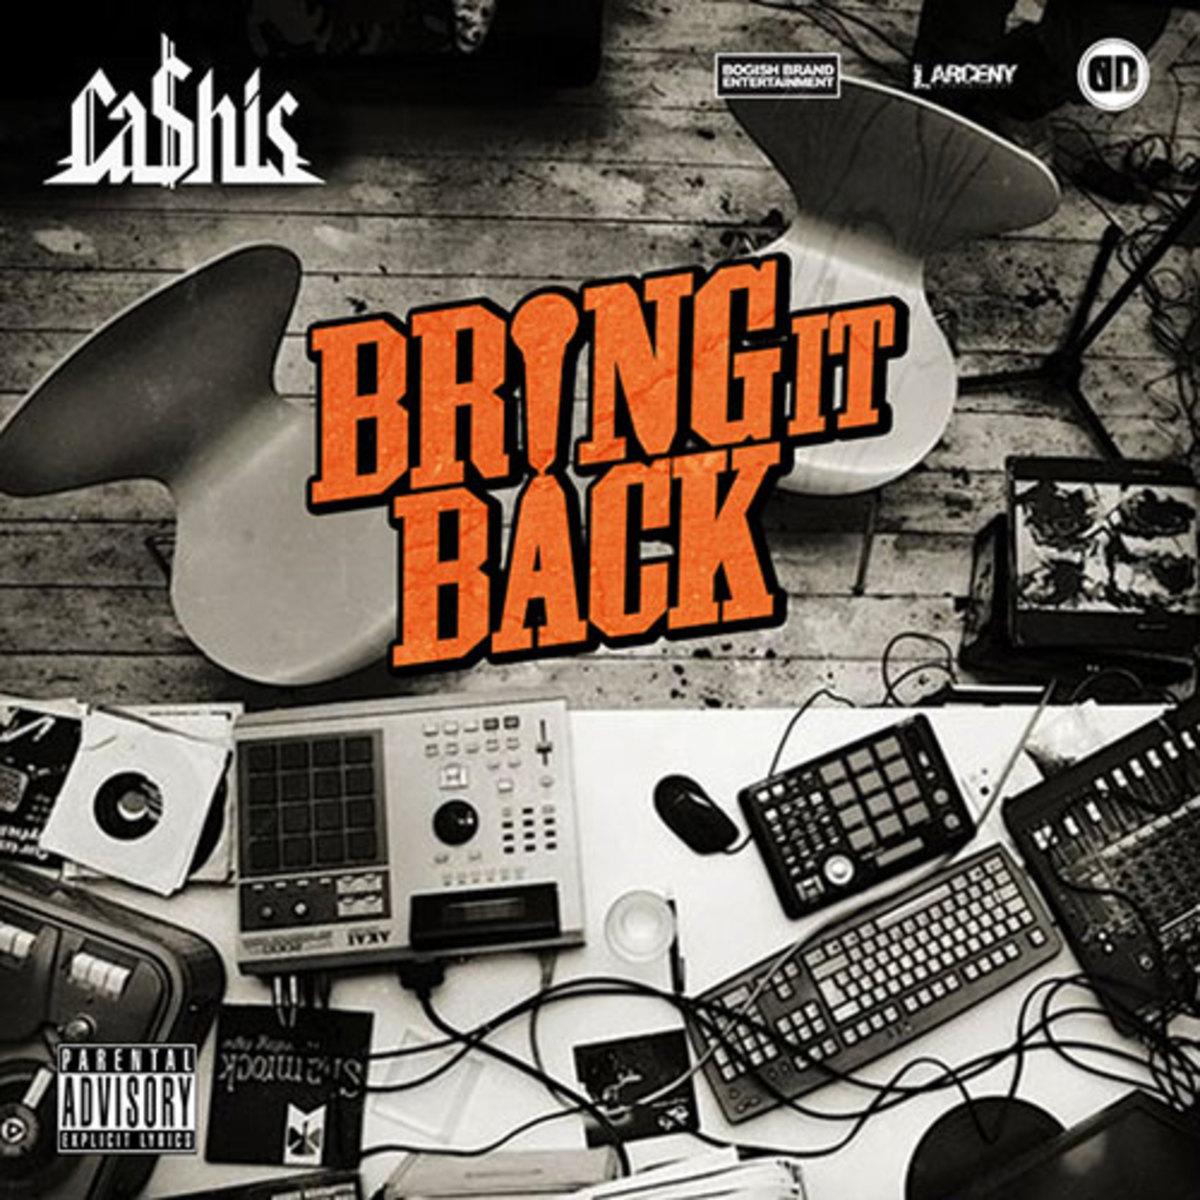 cashis-bringitback.jpg